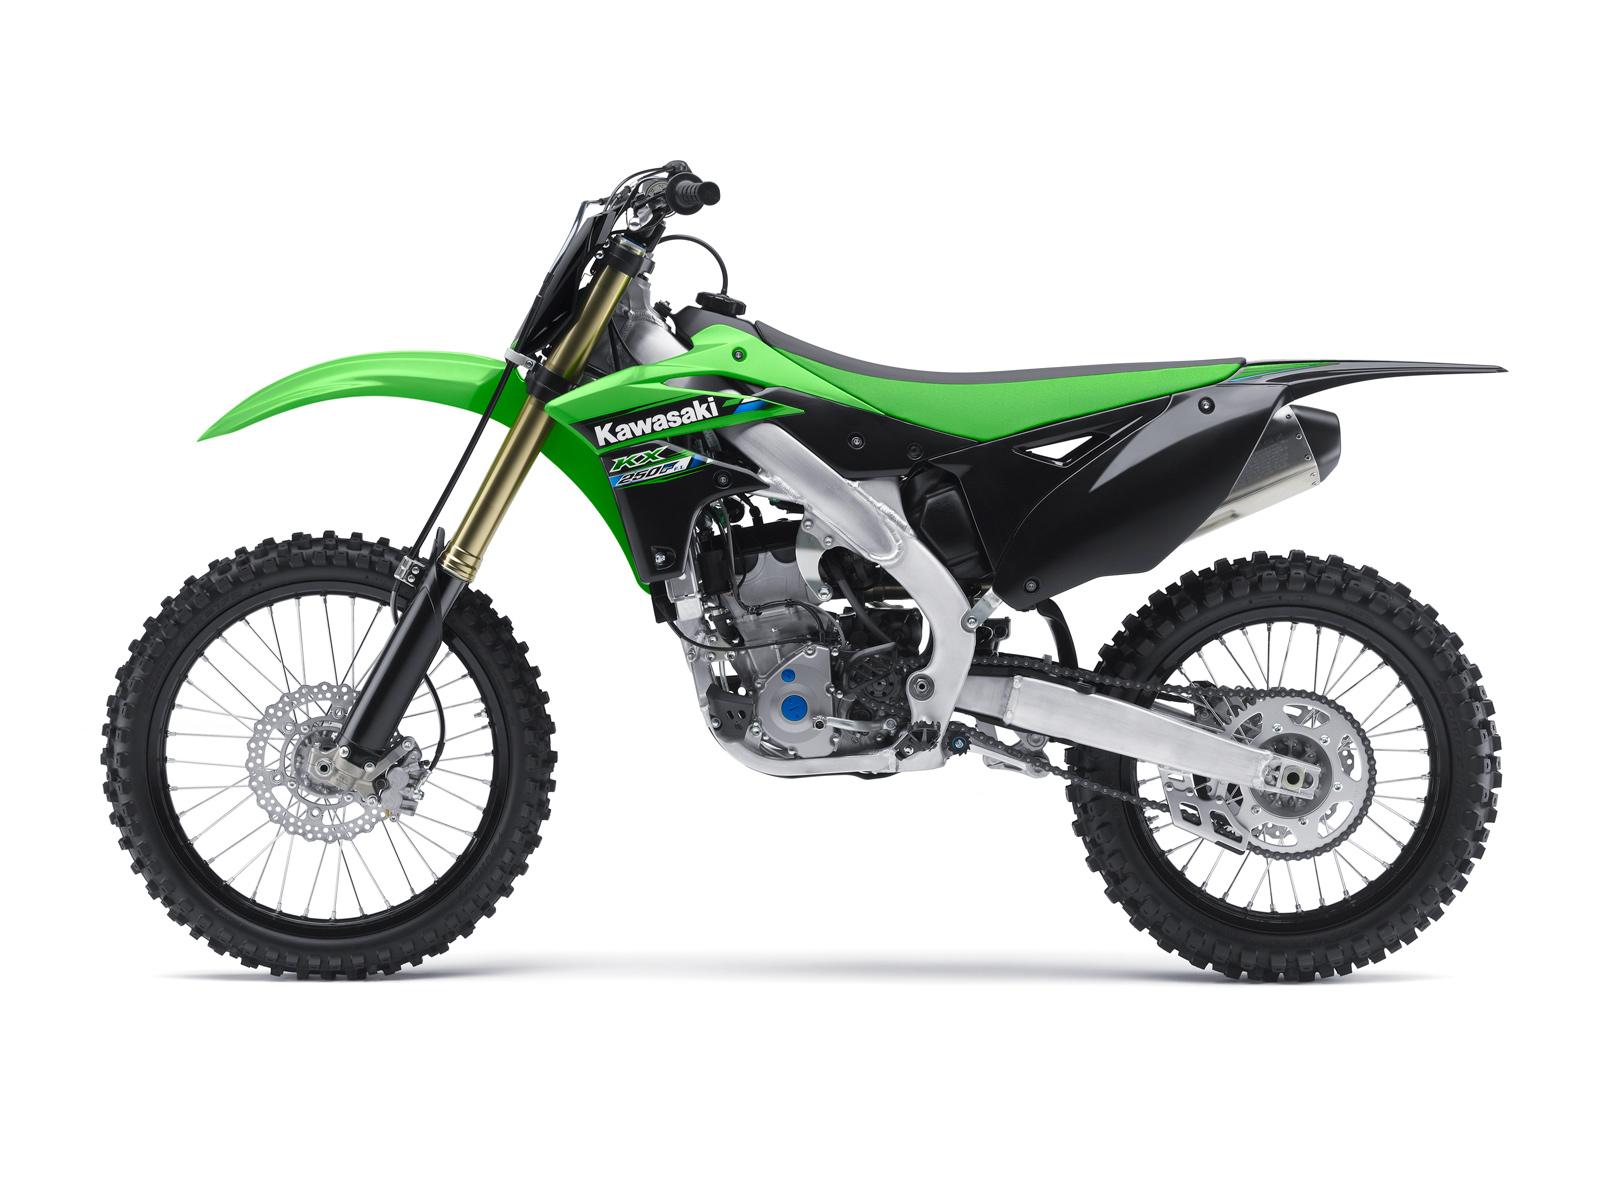 2013モデルのKX450F/KX250F_a0170631_13135332.jpg